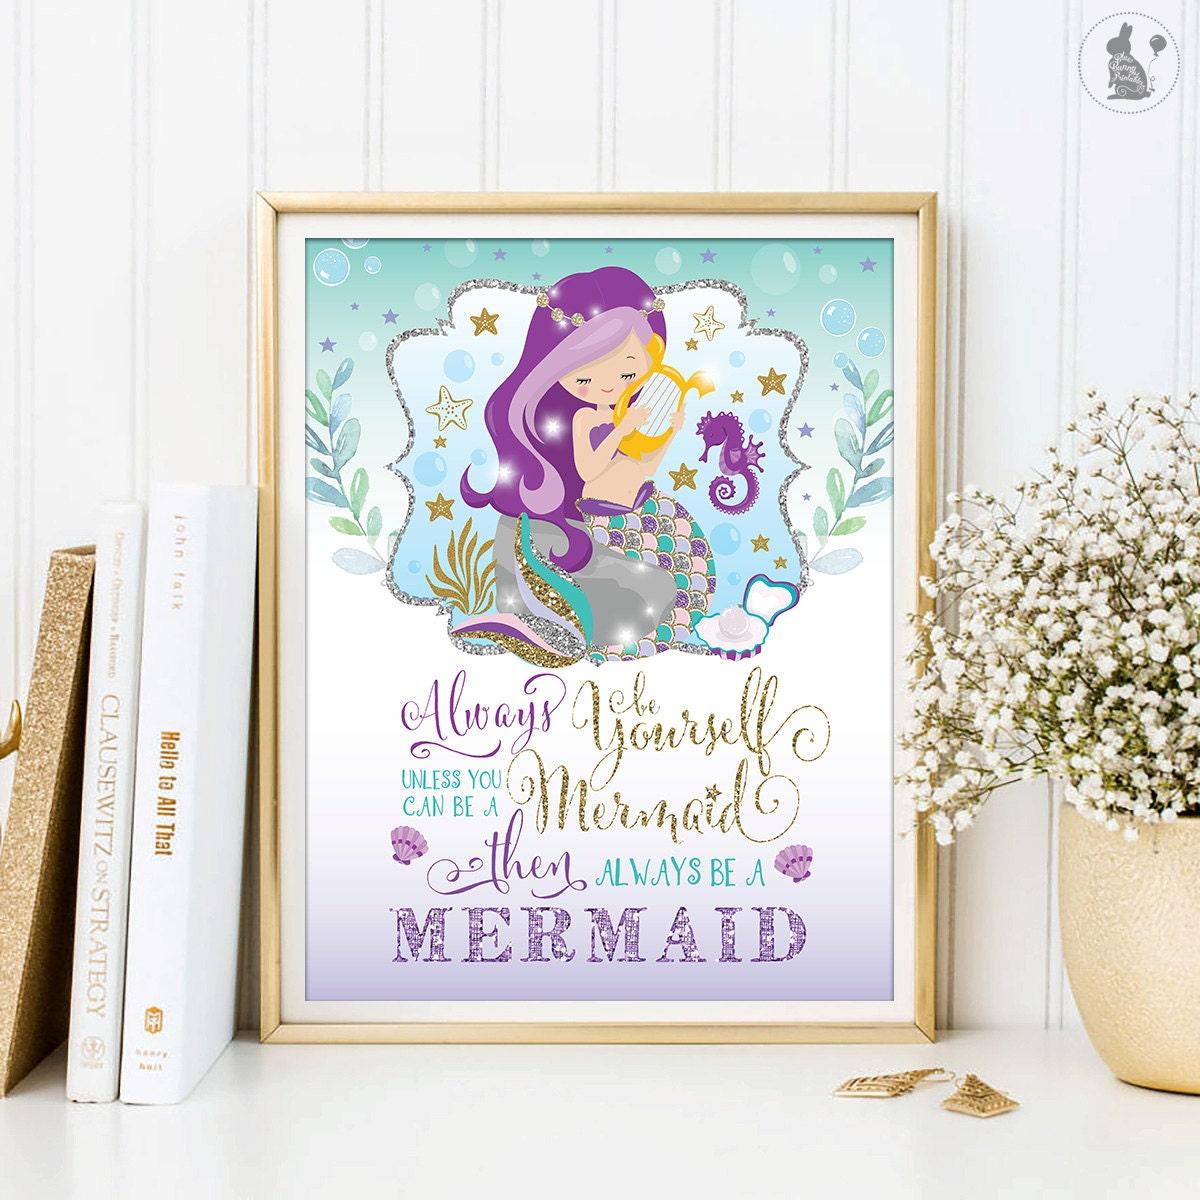 Mermaid Nirsery Accent Wall: Mermaid Wall Art. Always Be A Mermaid. Ocean Sea Nursery